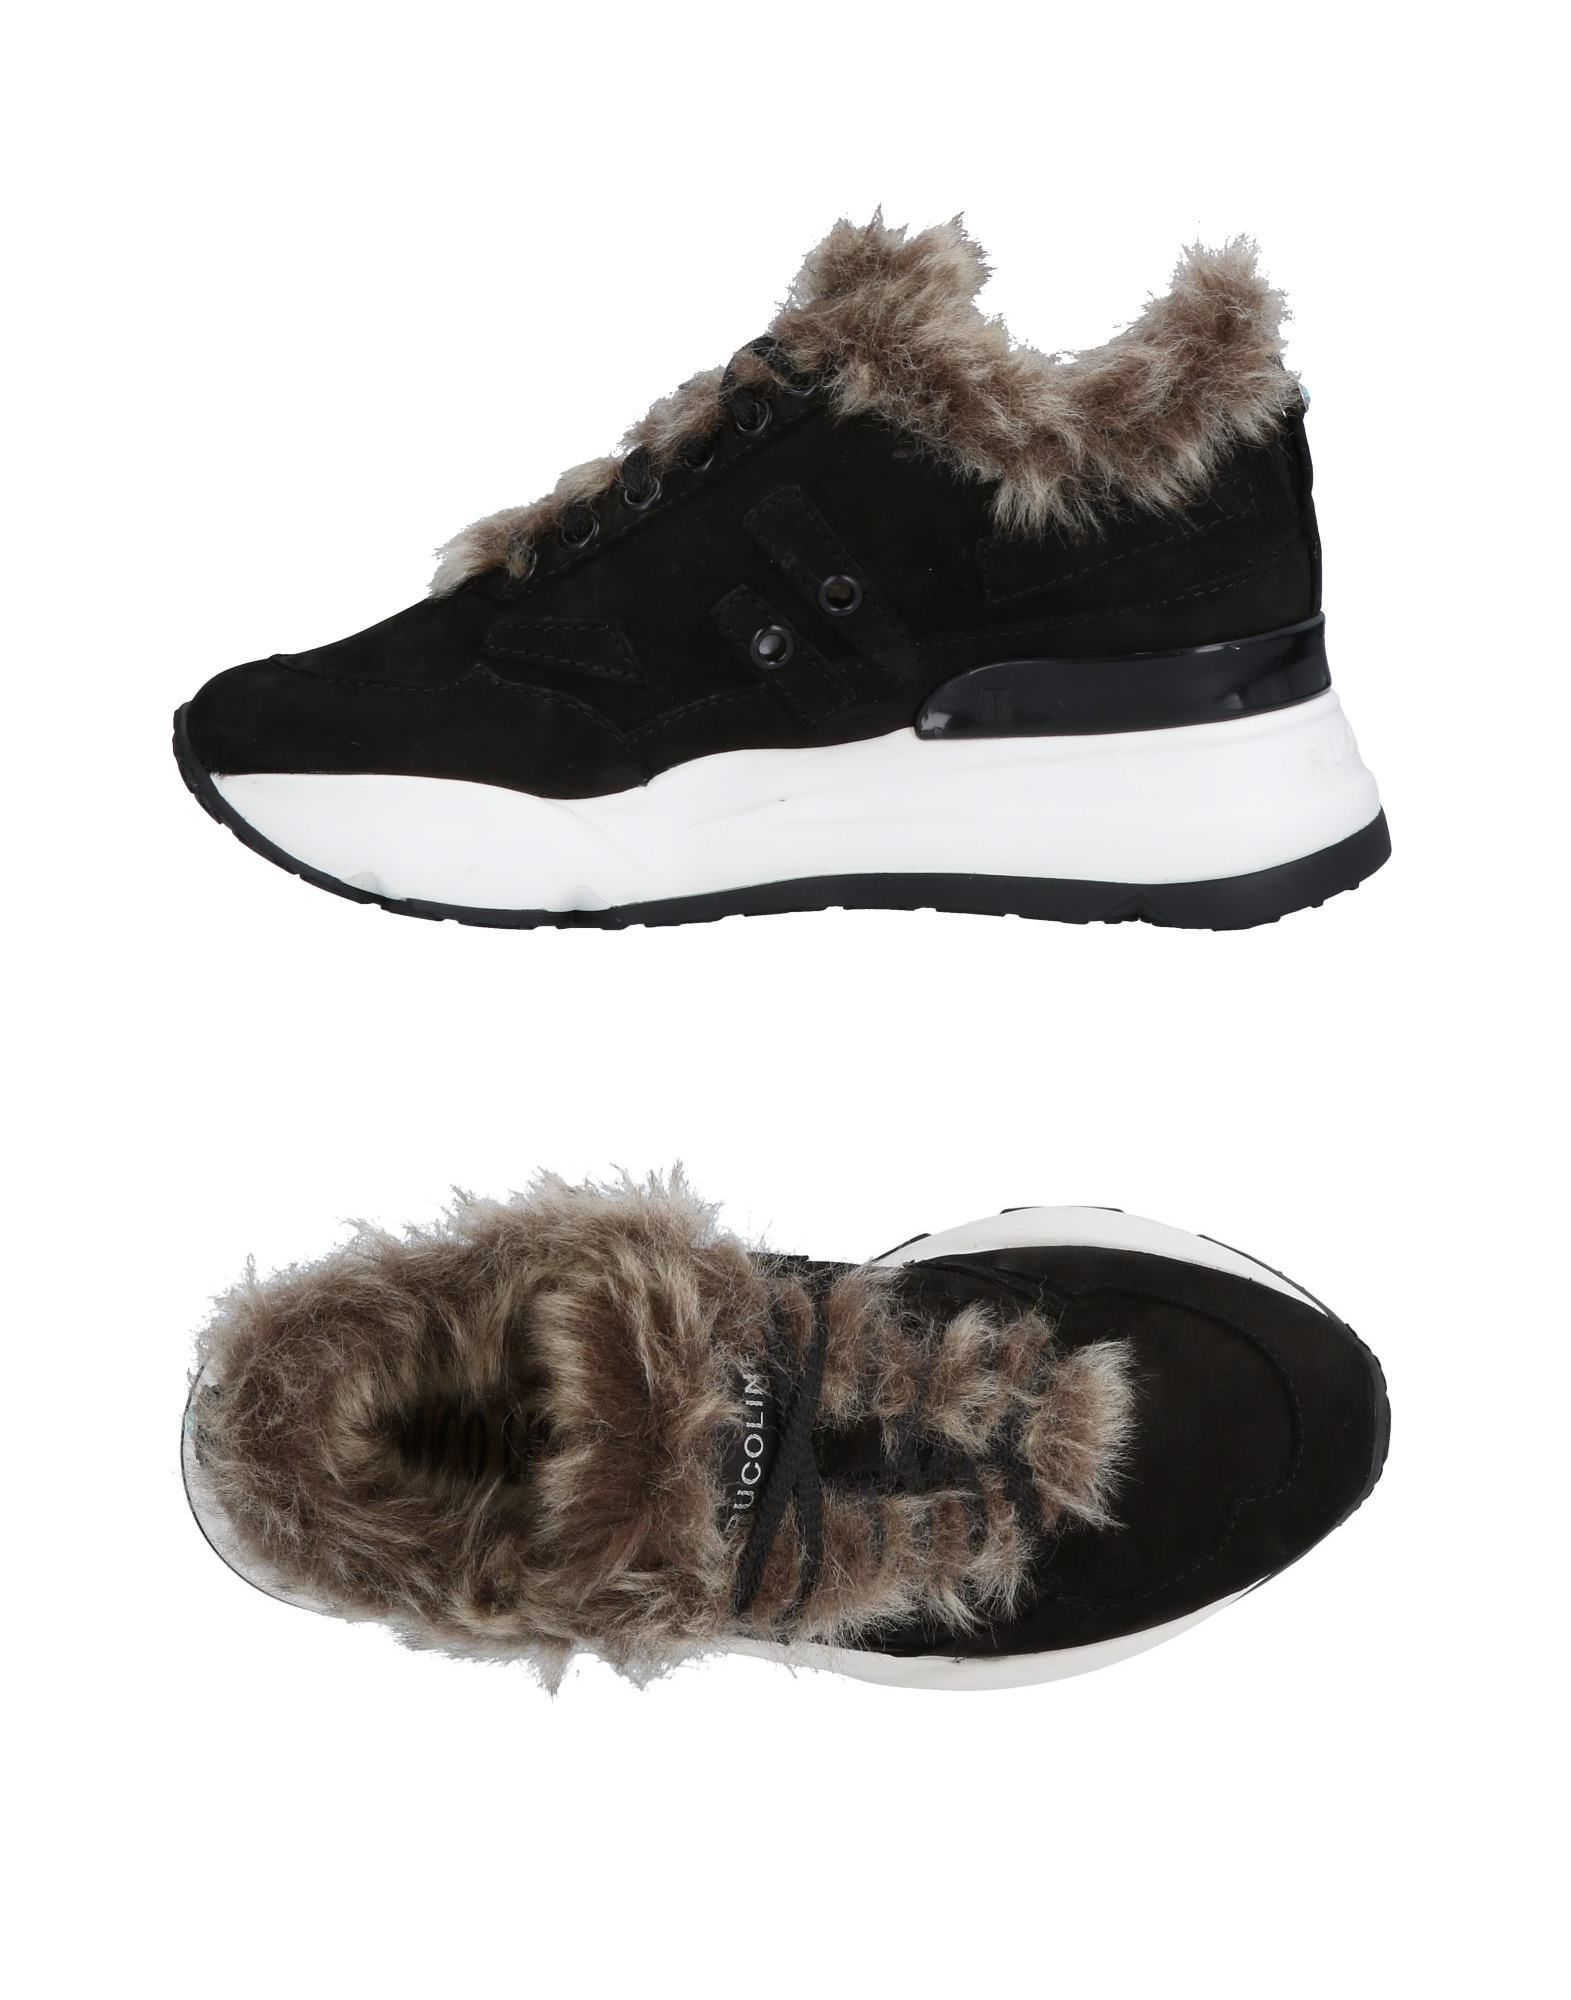 Baskets Ruco Line Femme - Baskets Ruco Line Noir Nouvelles chaussures pour hommes et femmes, remise limitée dans le temps